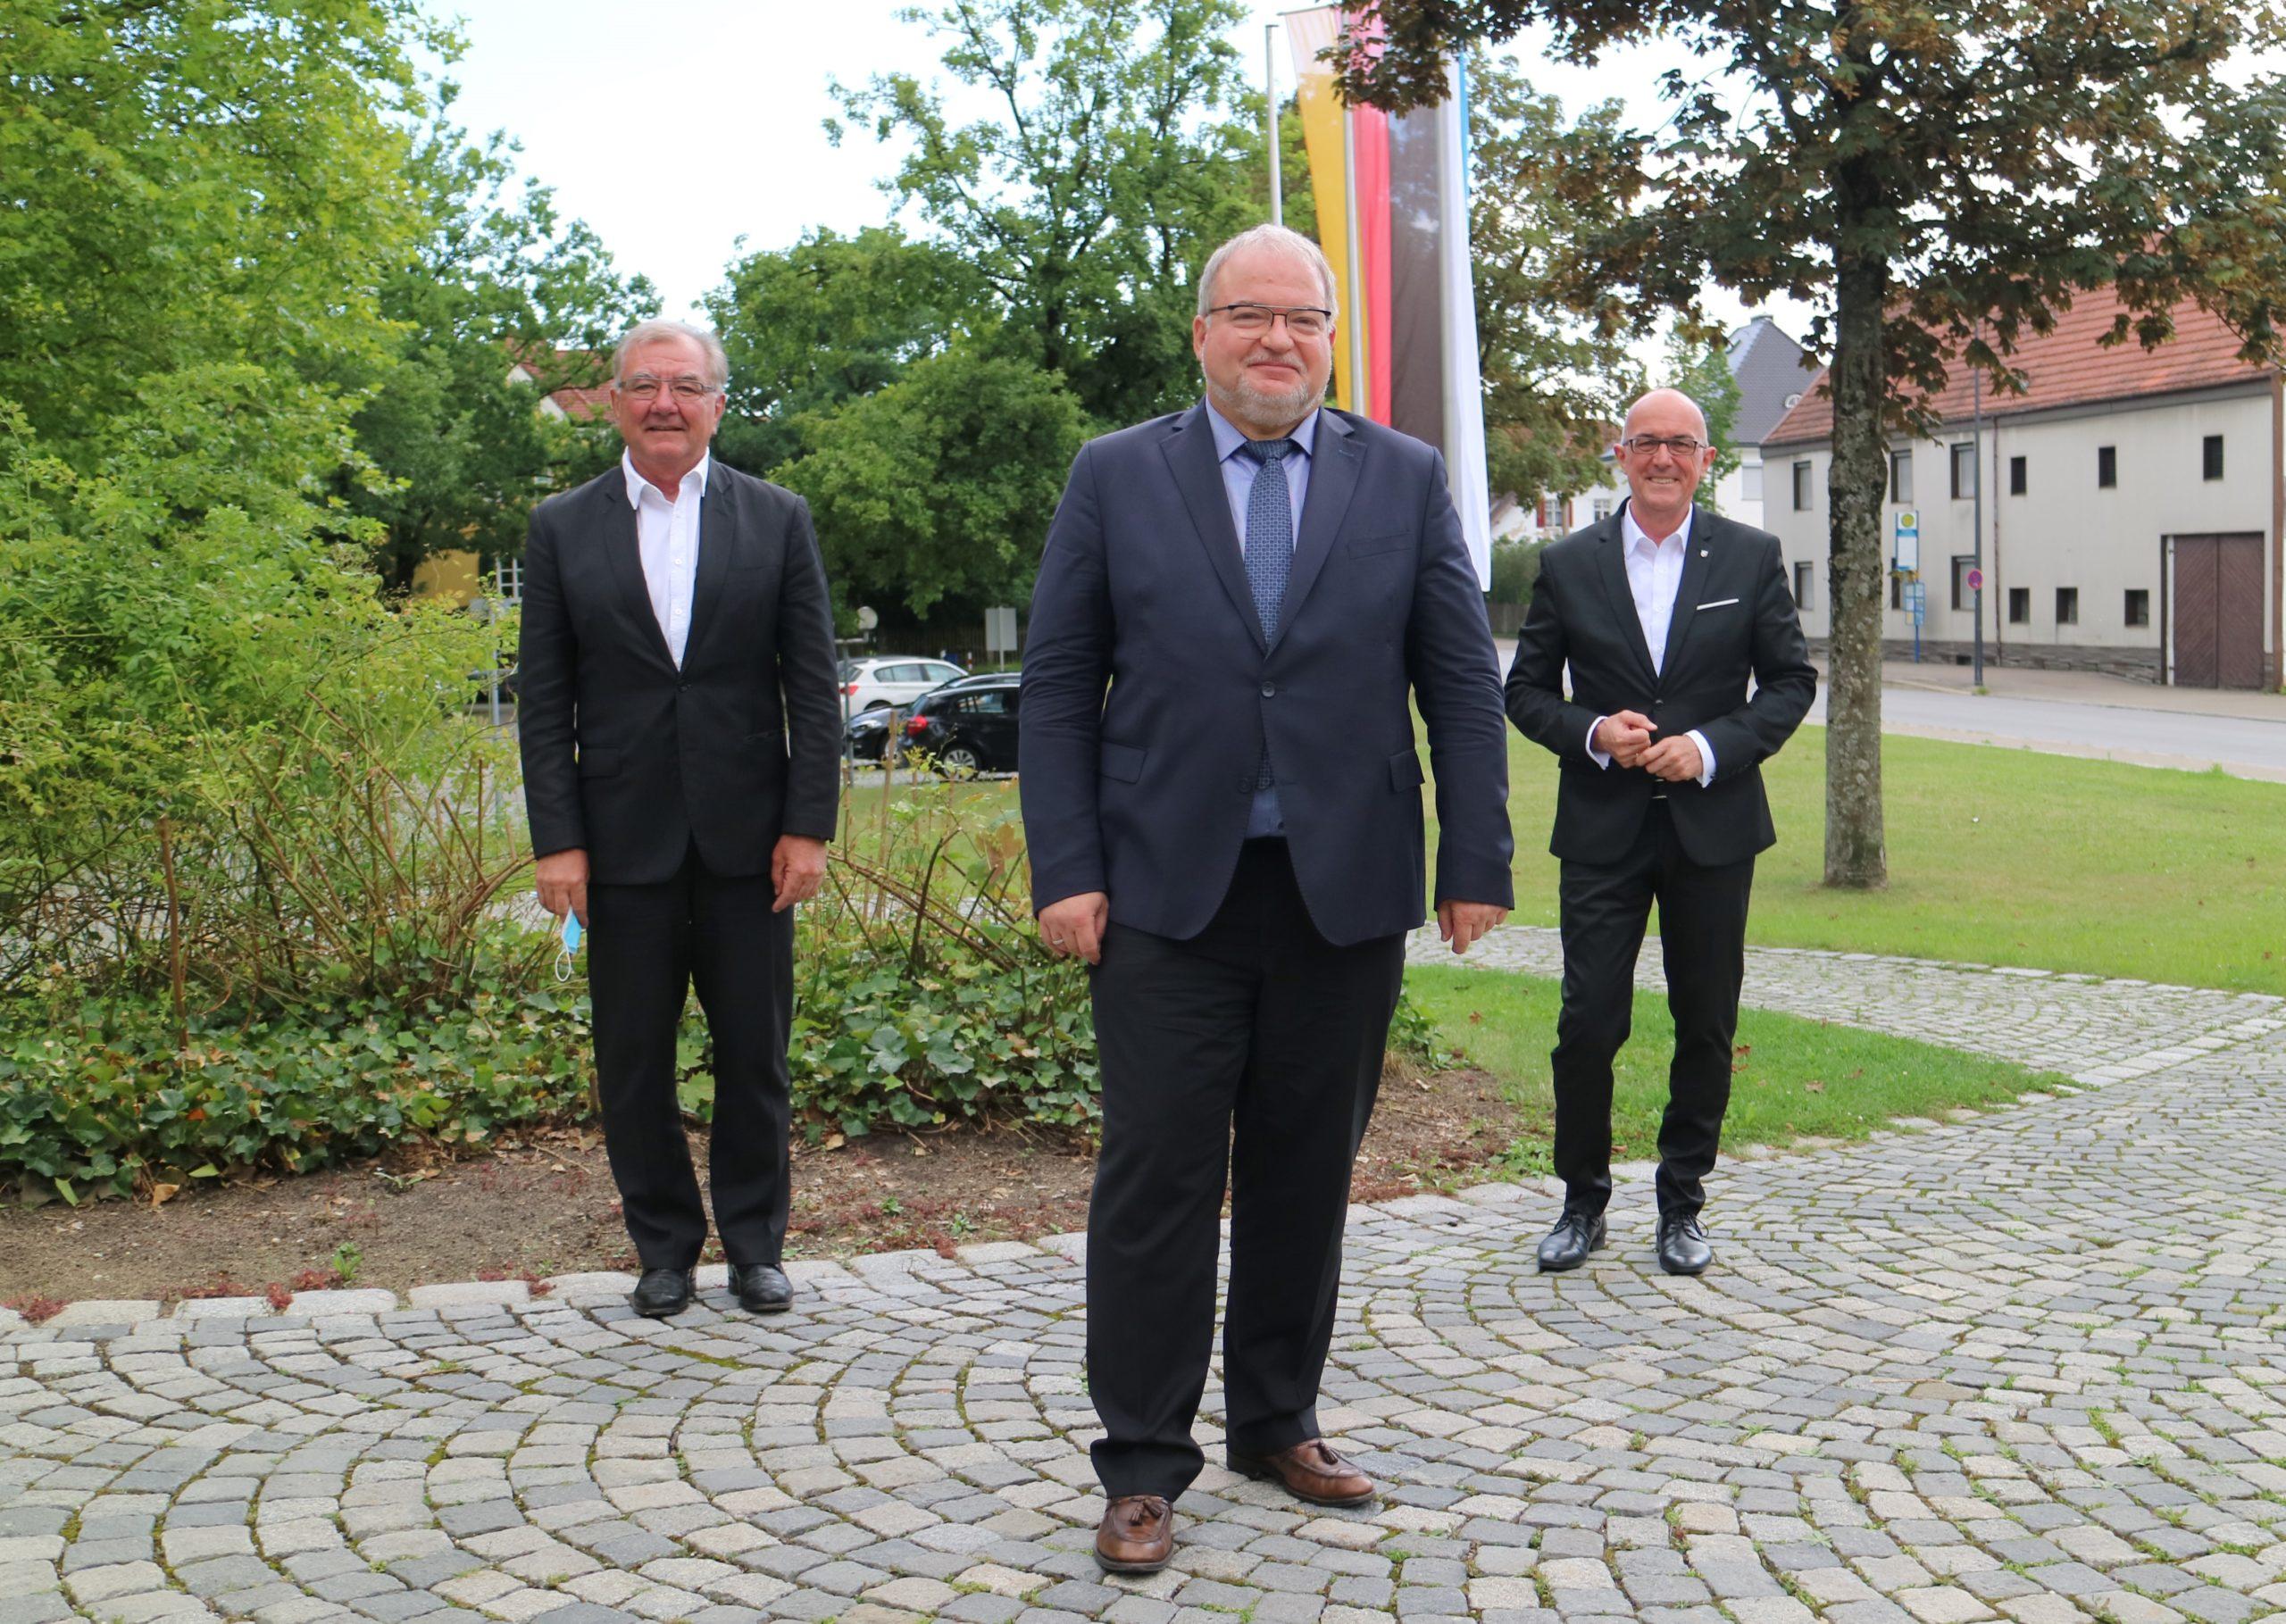 Dr.Walter Eschle (links), Andreas Thiel (mitte) und Dr. Klaus Metzger (rechts) bei der Auftaktsitzung der neuen Wahlperiode 2020 bis 2026 im Landratsamt Aichach